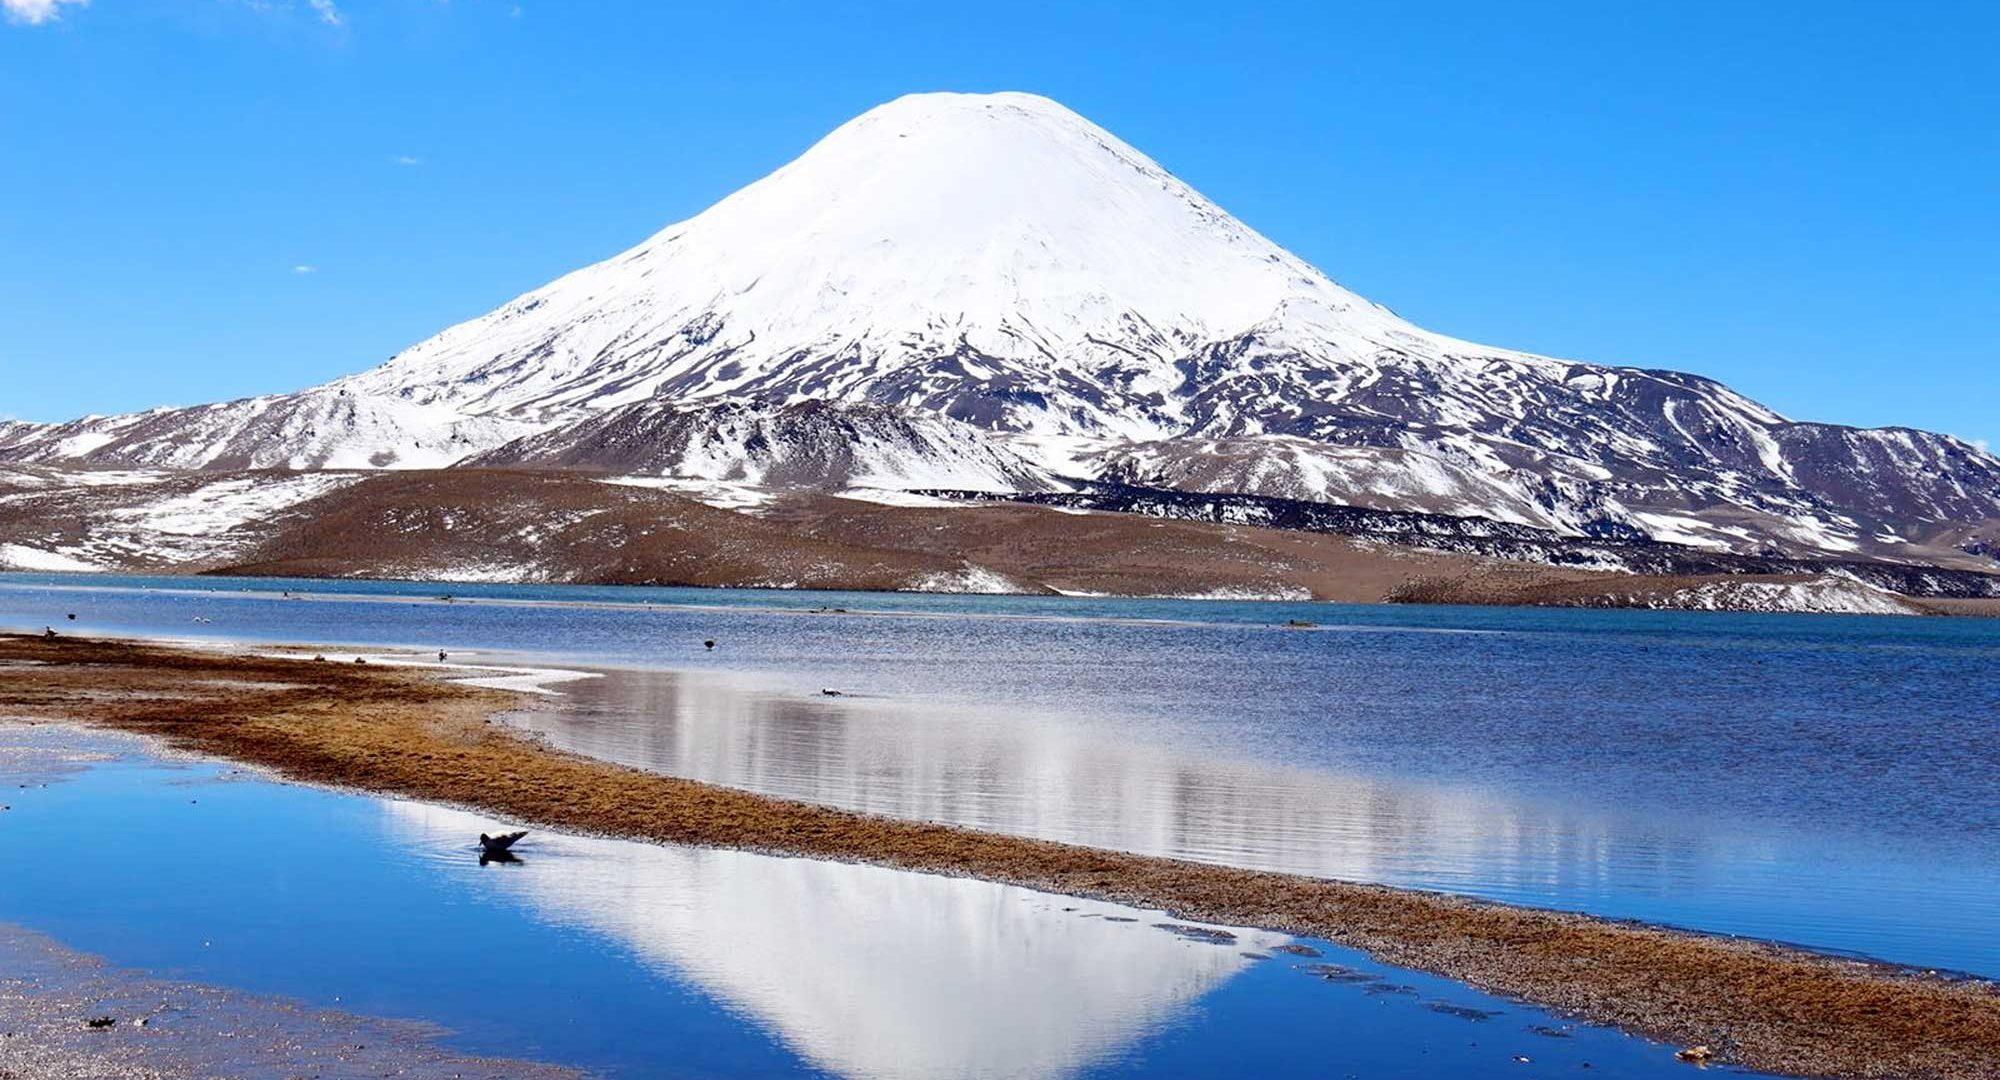 Volcan-Parinacota